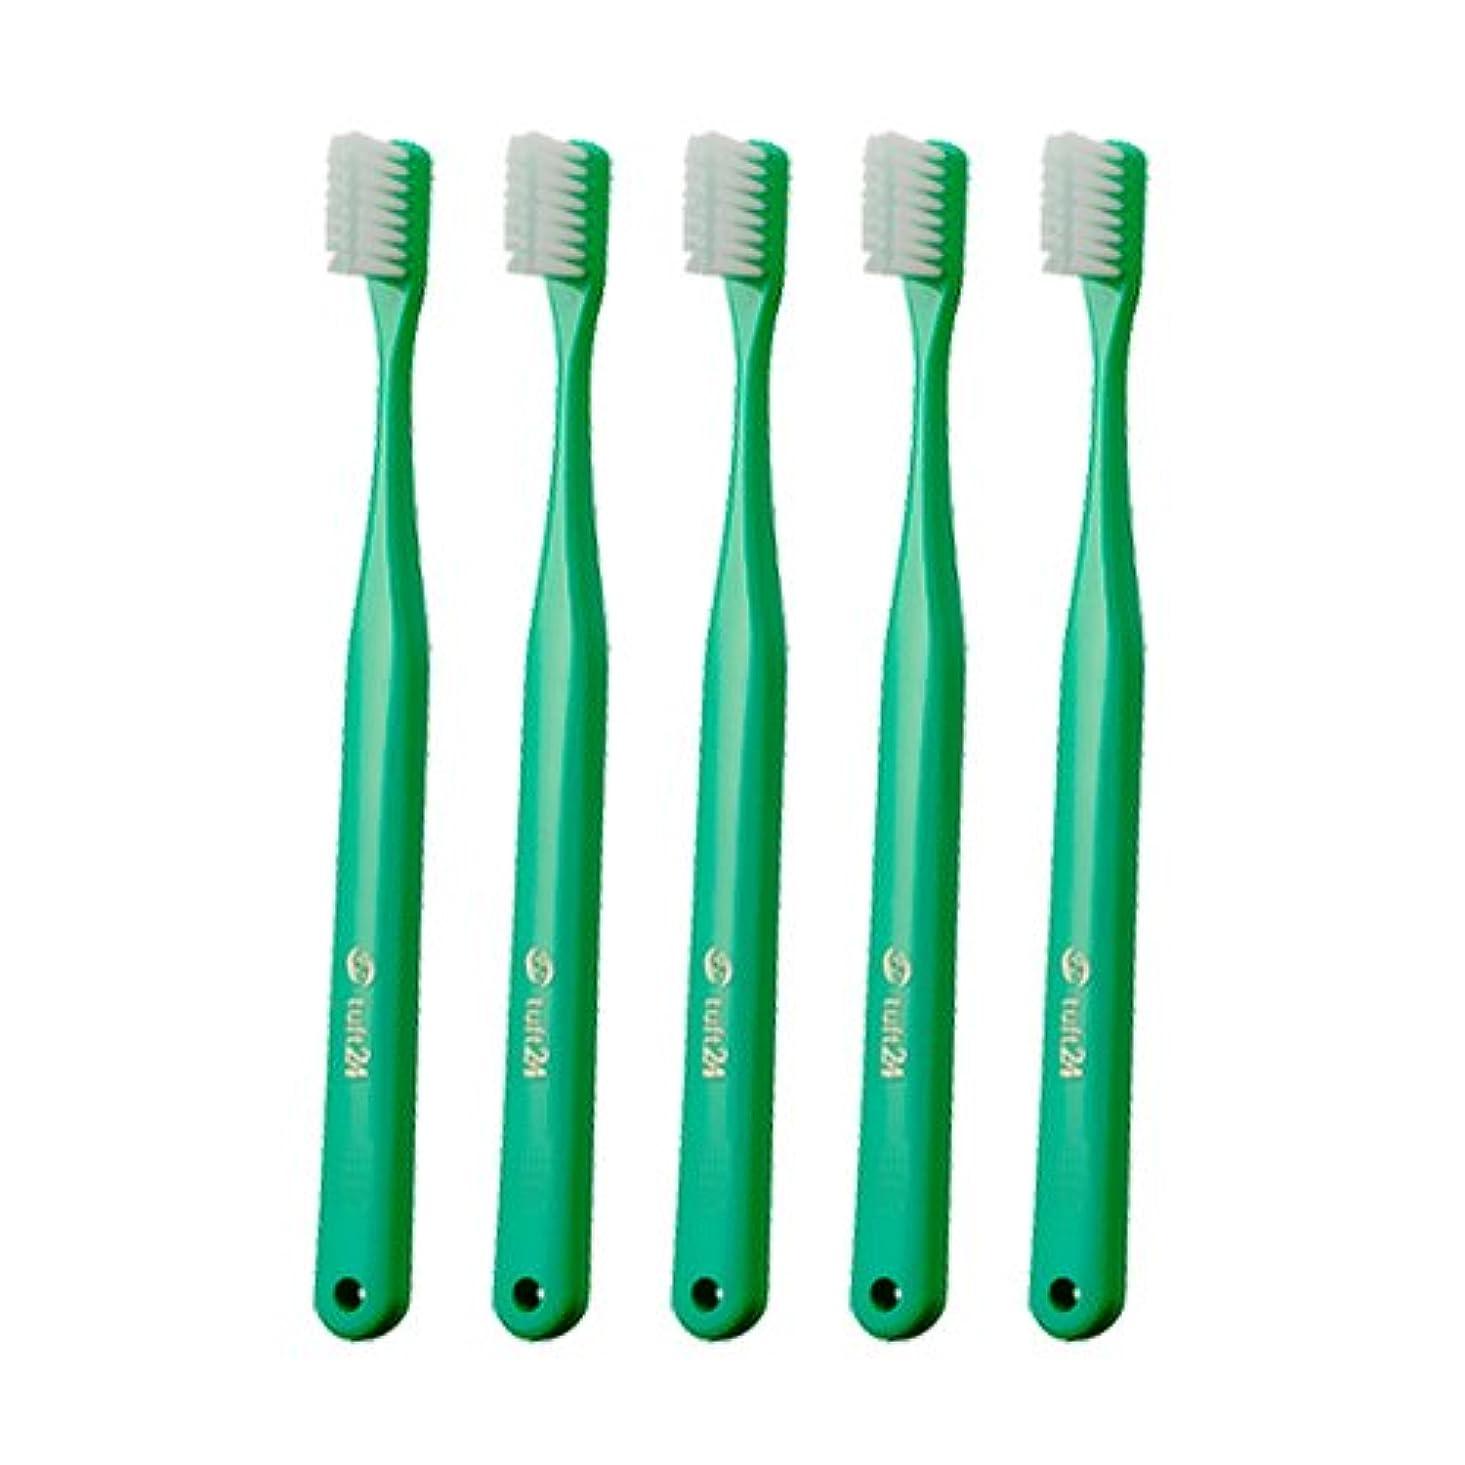 無限大支援するクリスマスタフト24 歯ブラシ MHキャップなし 25本入 グリーン